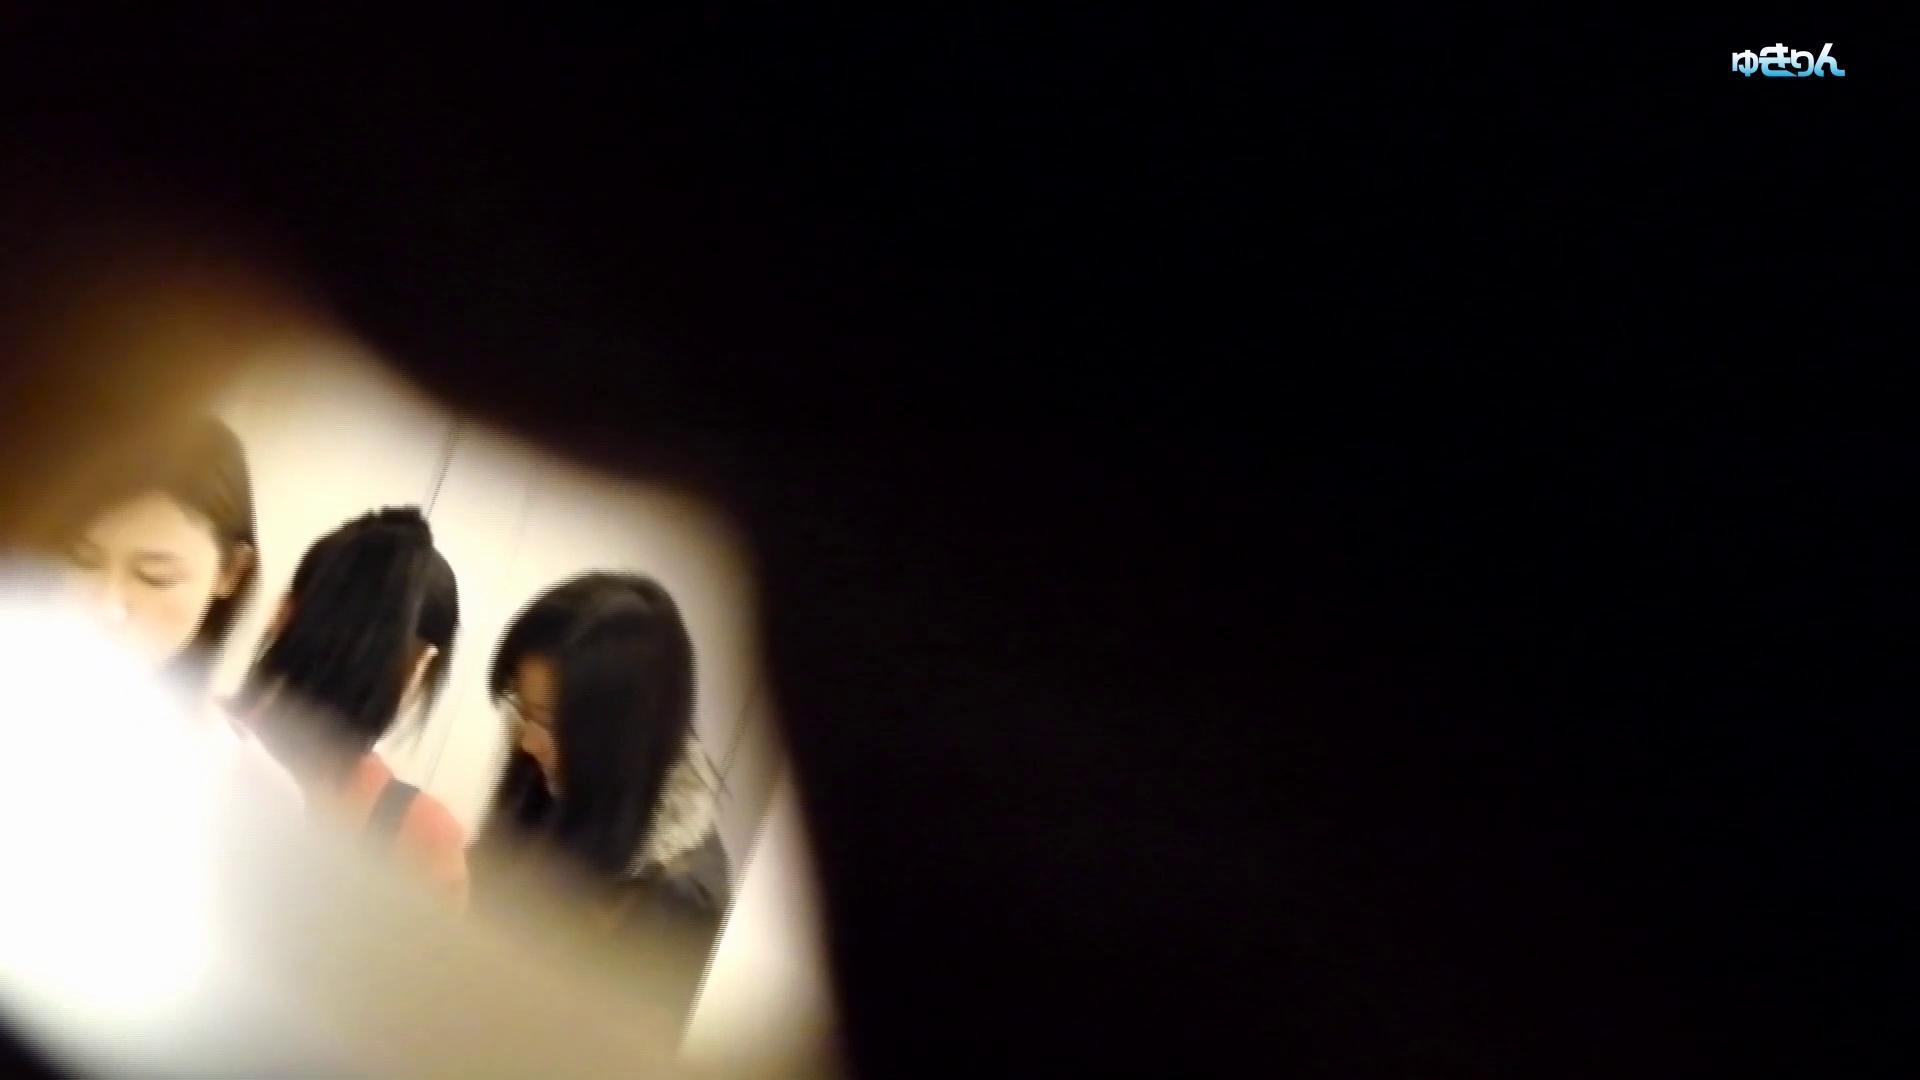 新世界の射窓 No84 広末涼子似の子をキャッチ!!ヒョウ柄の・・・・注目 洗面所 エロ画像 59画像 35